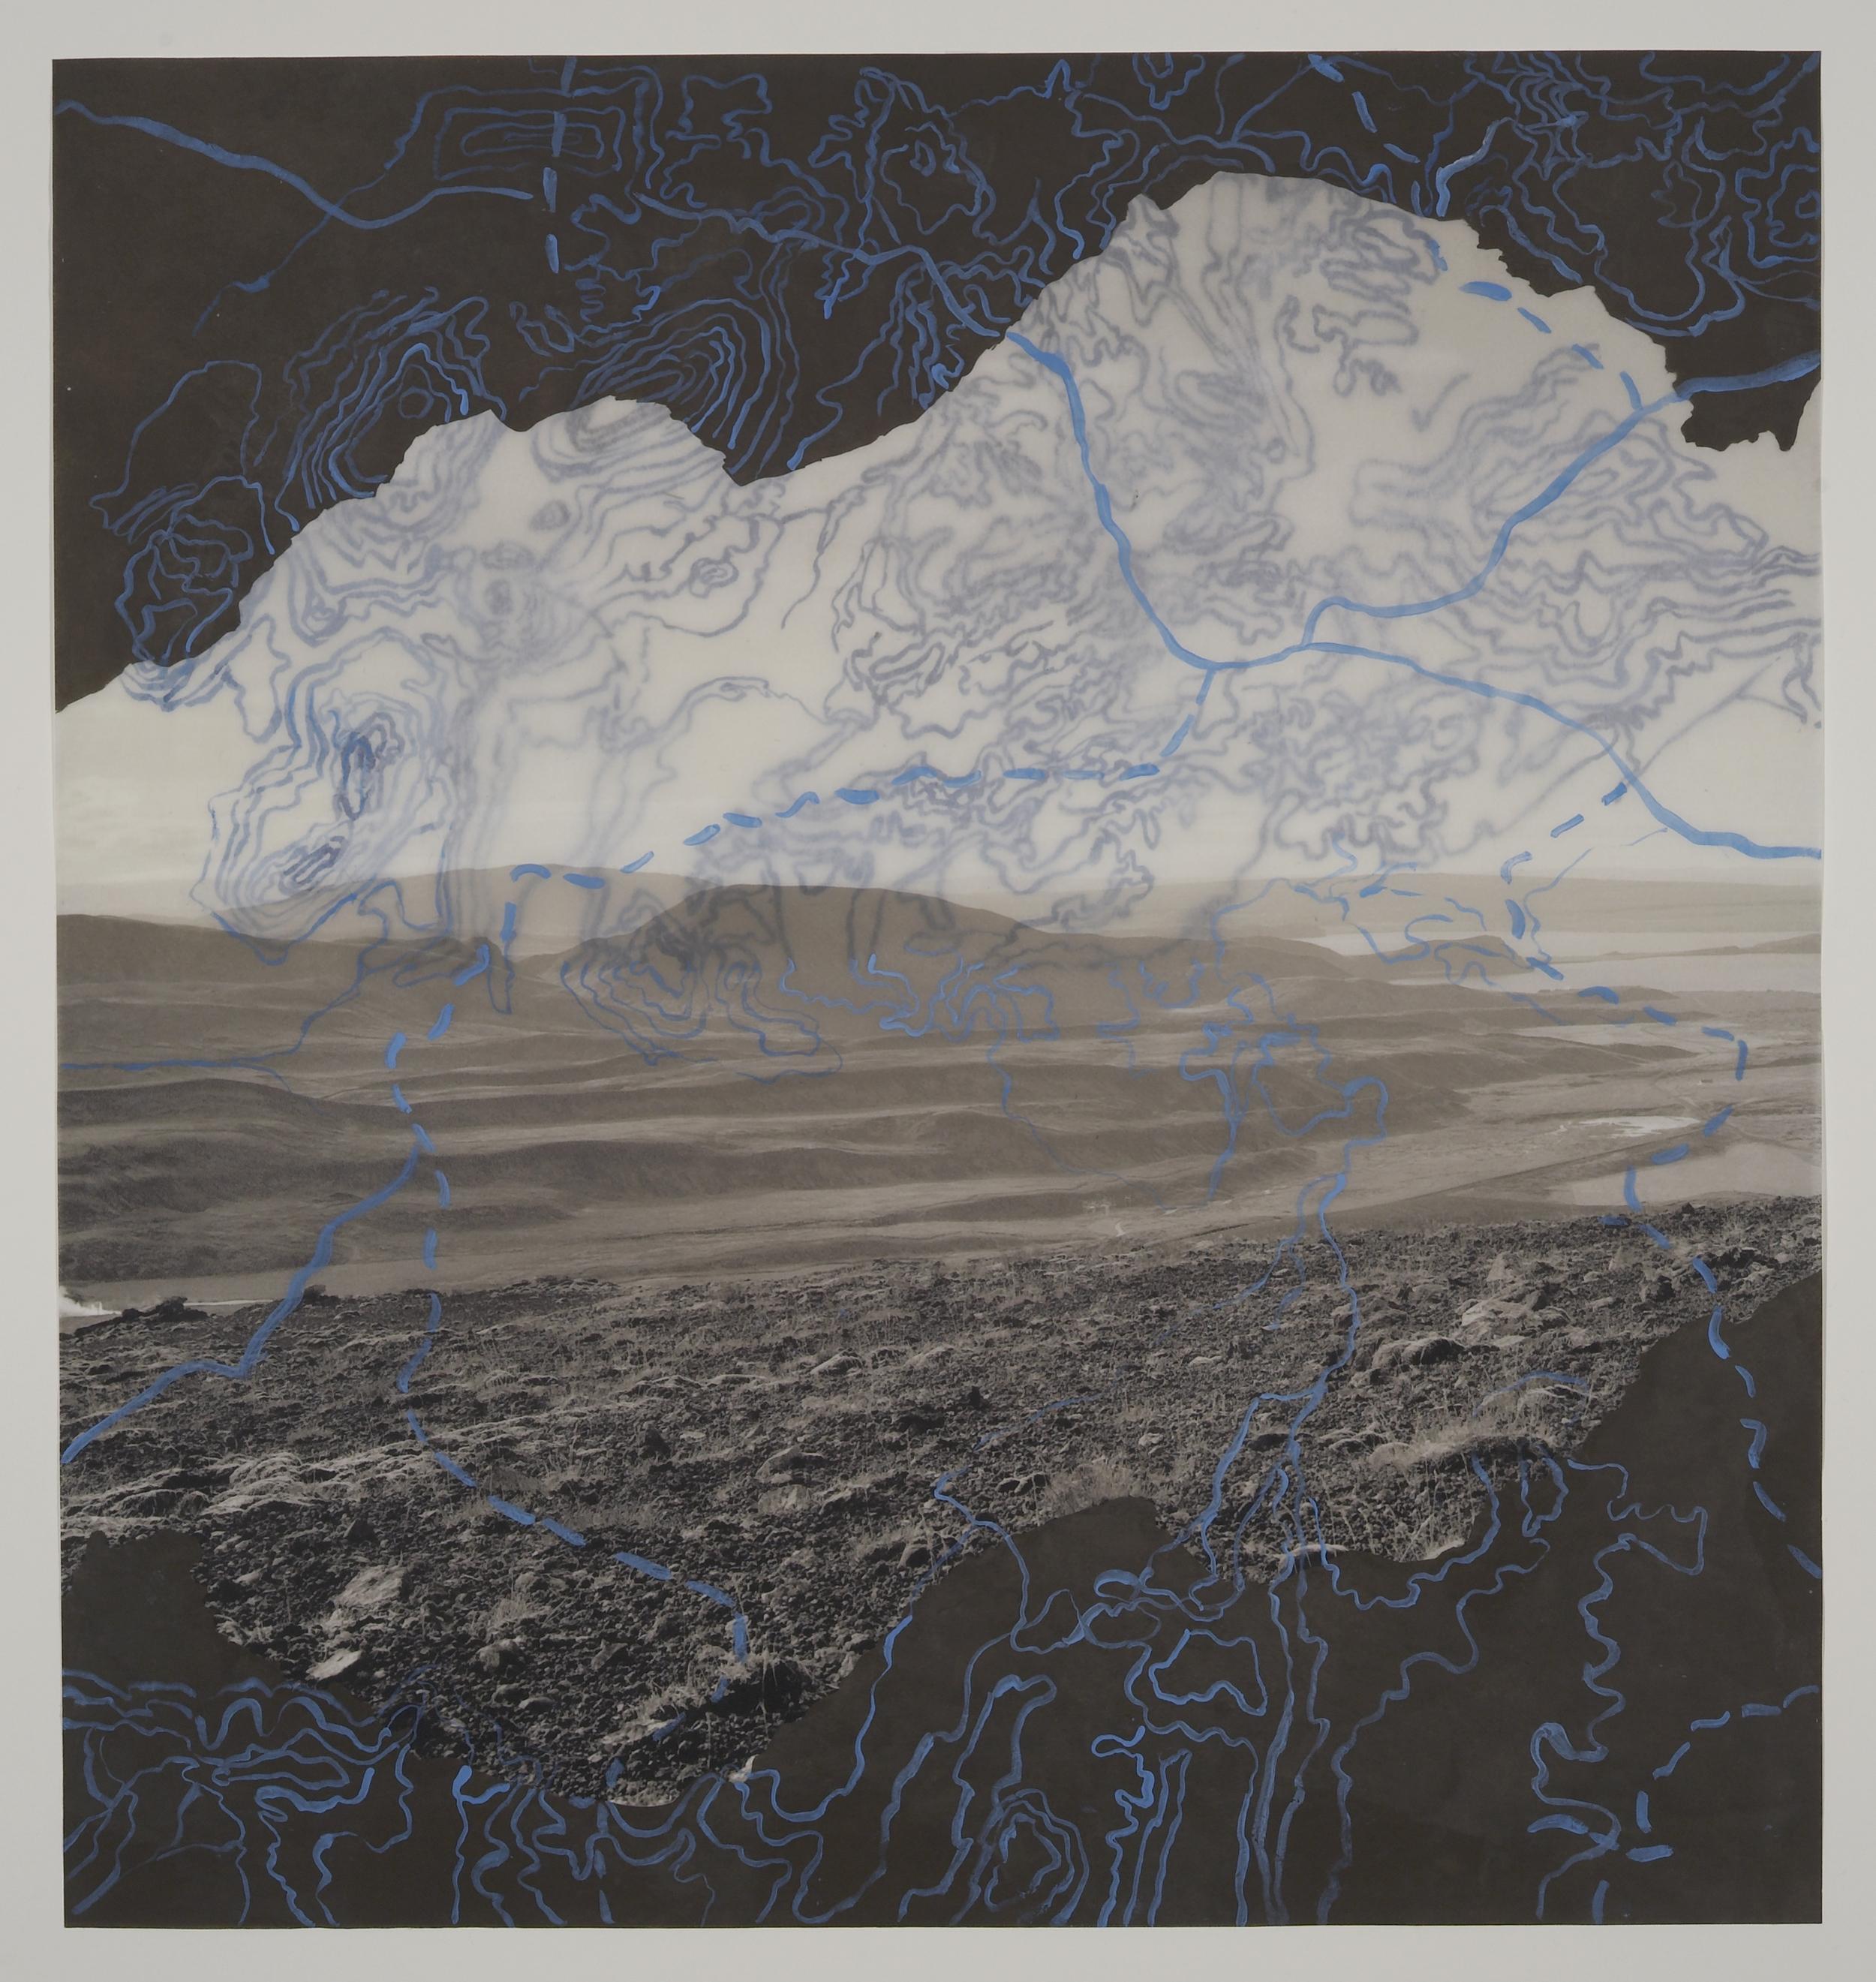 """Obsidian Lava Field II, 2007   Photogravure on kozo shi, digital pigment print, oil paint,wax in layers   21.75"""" X 20.5"""""""